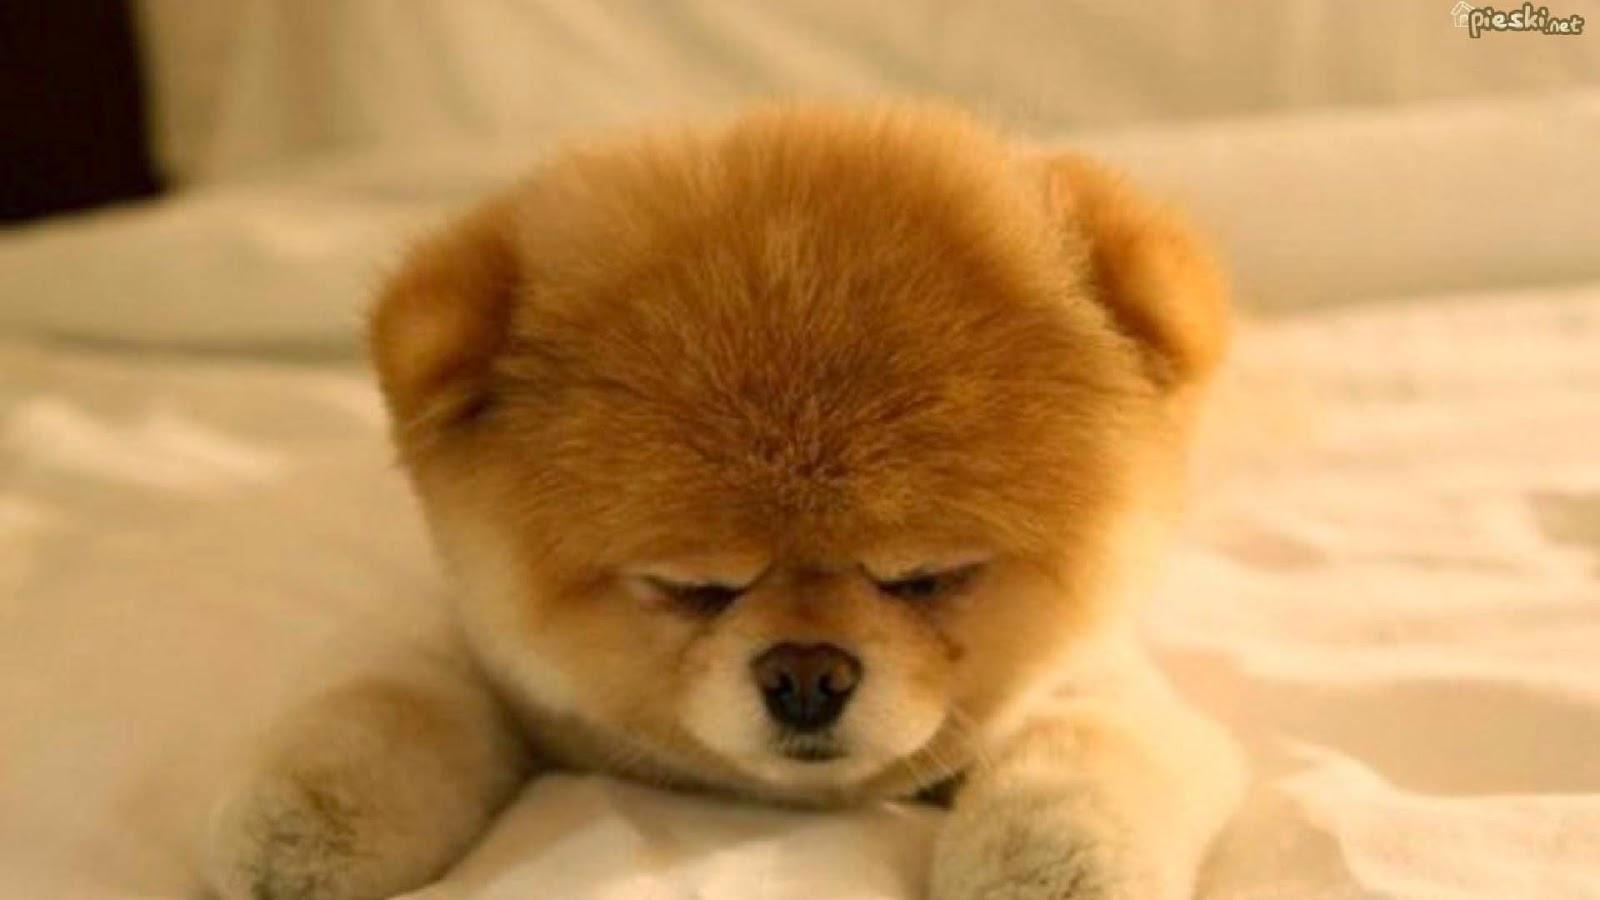 Boo Pomeranian Wallpaper Cute Golden Pomeranian Puppy 1600x900 Download Hd Wallpaper Wallpapertip